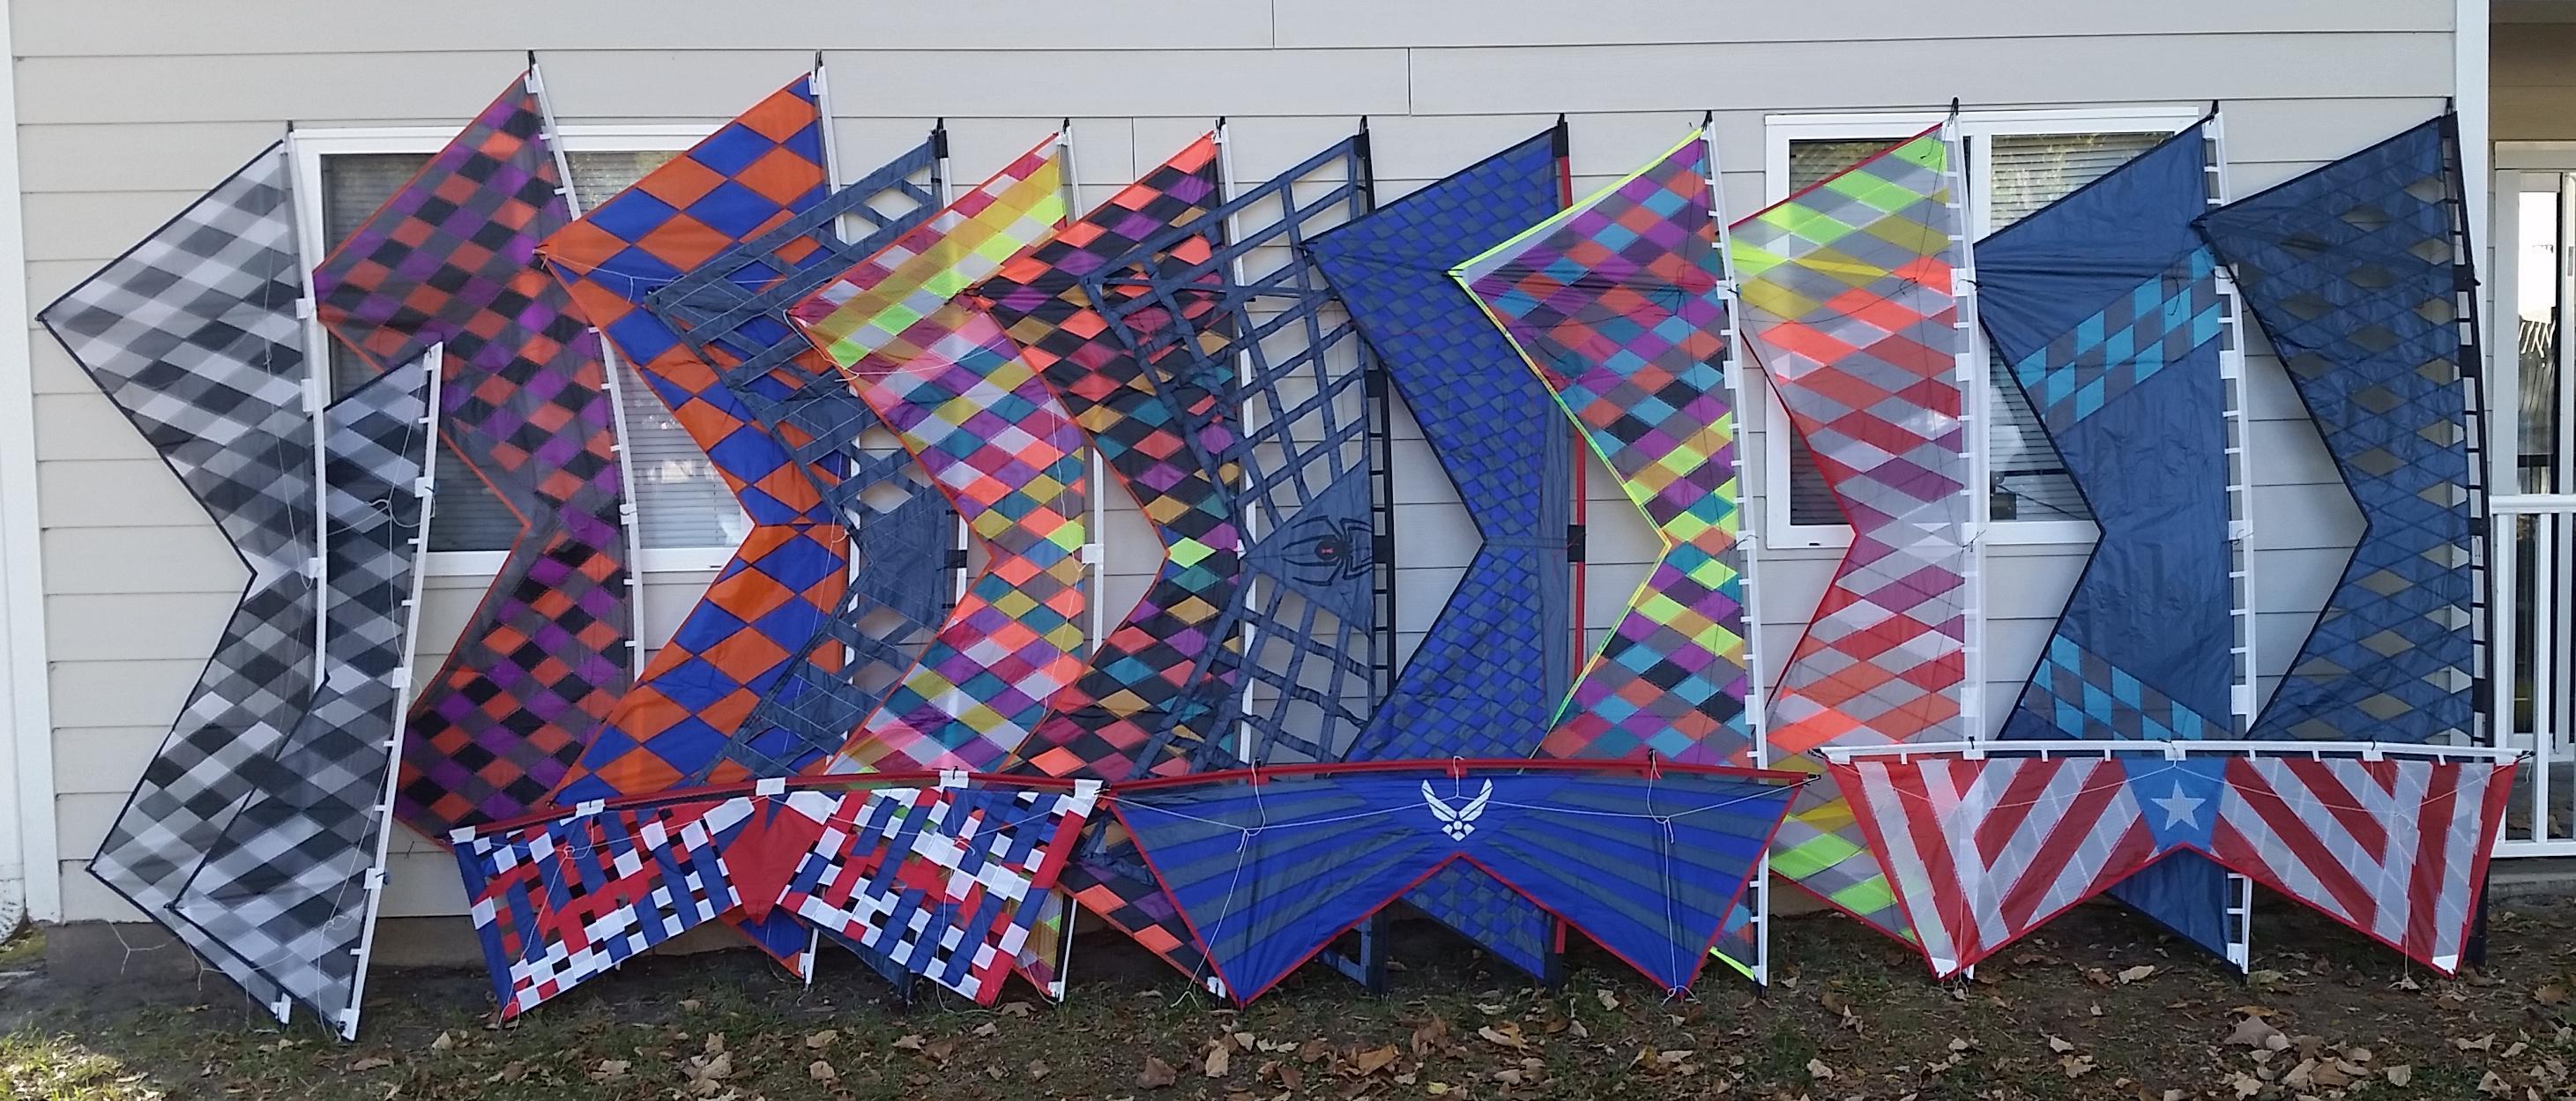 riffclown's homemade kite blog